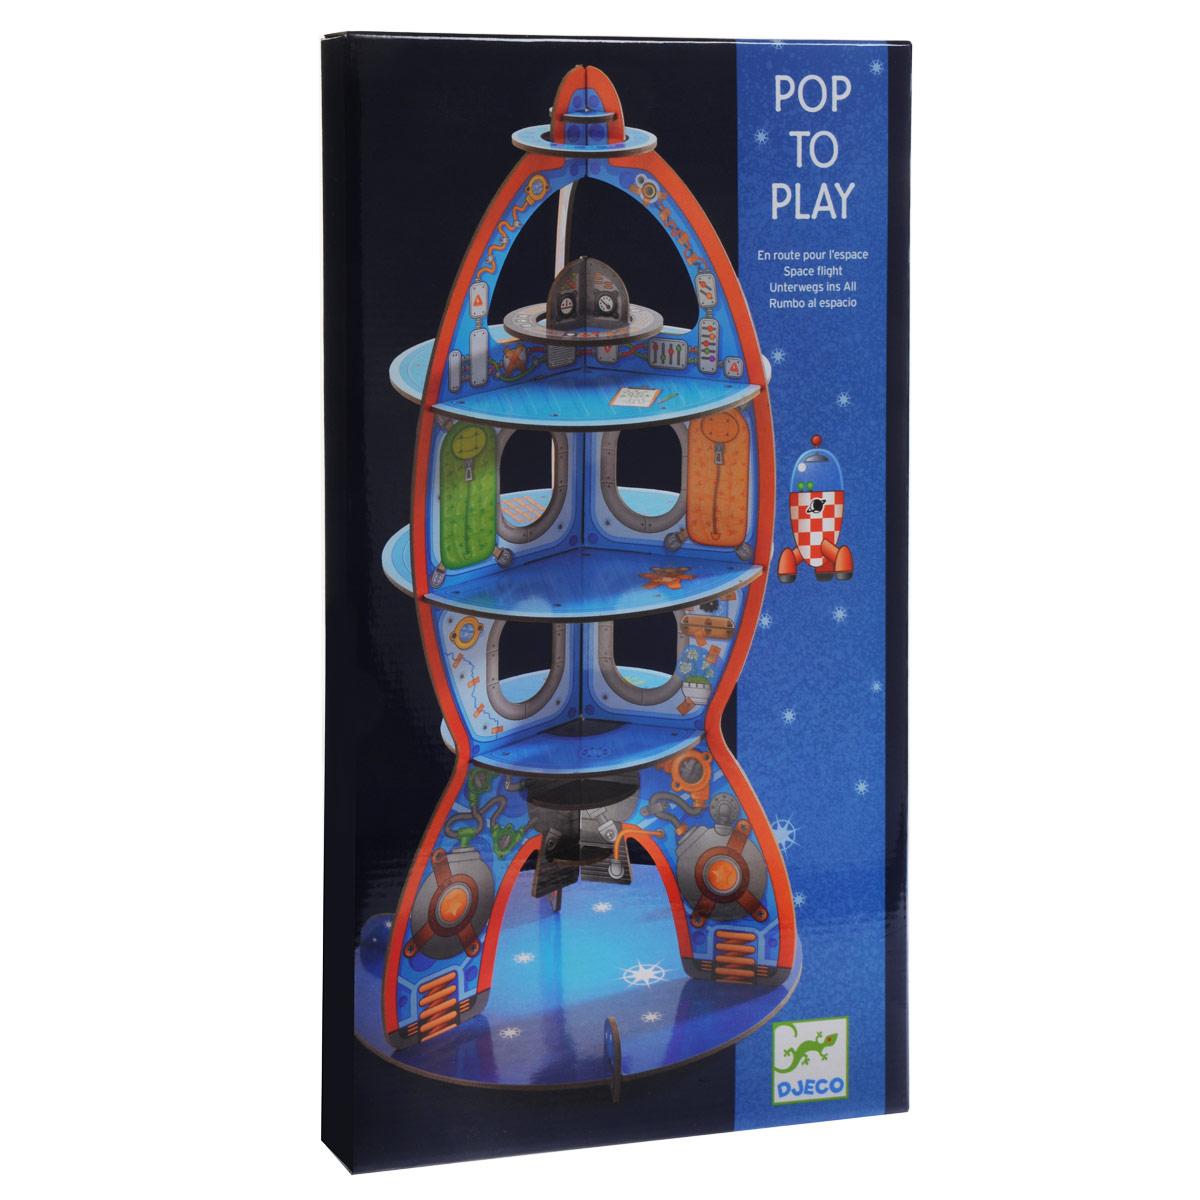 Конструктор-макет Djeco Ракета07701Внимание! Ракета на старте! Оригинальный конструктор из плотного картона станет отличной декорацией для увлекательной космической игры. Любимые детские игрушки смогут полететь на Марс на этой красивой ракете. Набор для конструирования из плотного картона.